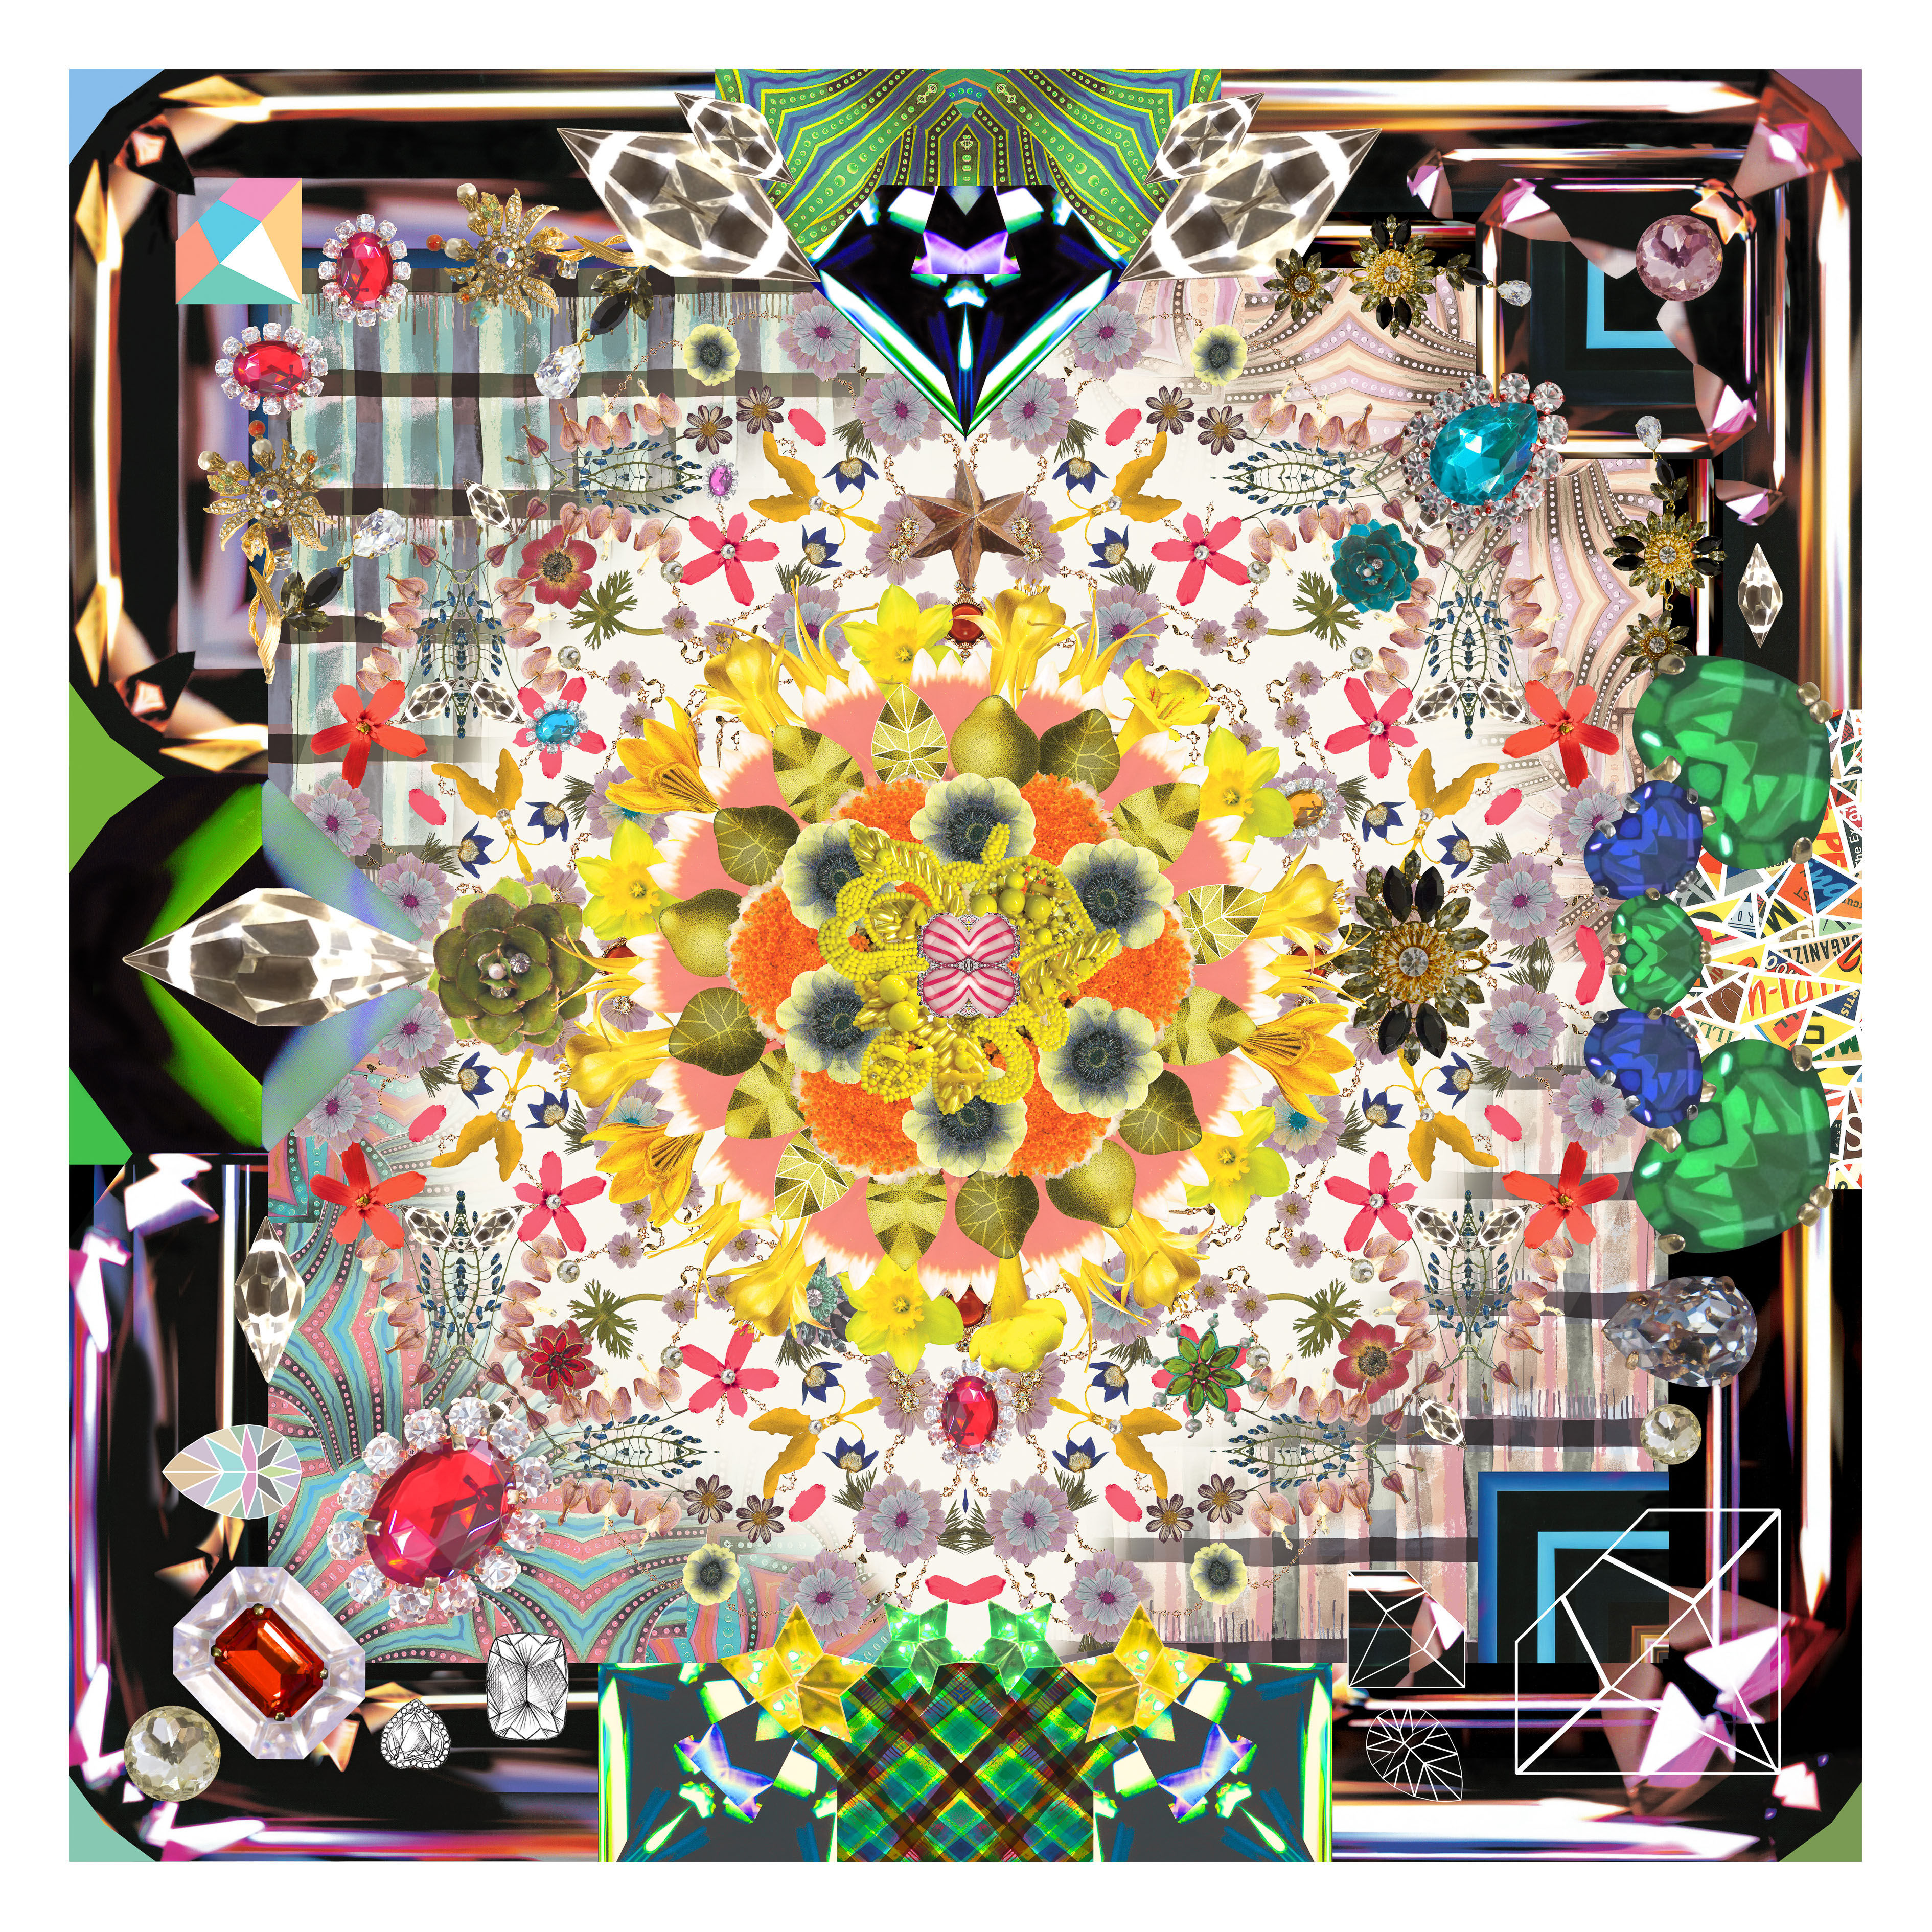 Déco - Tapis - Tapis Jewels Garden / 300 x 300 cm - Moooi Carpets - Multicolore - Polyamide